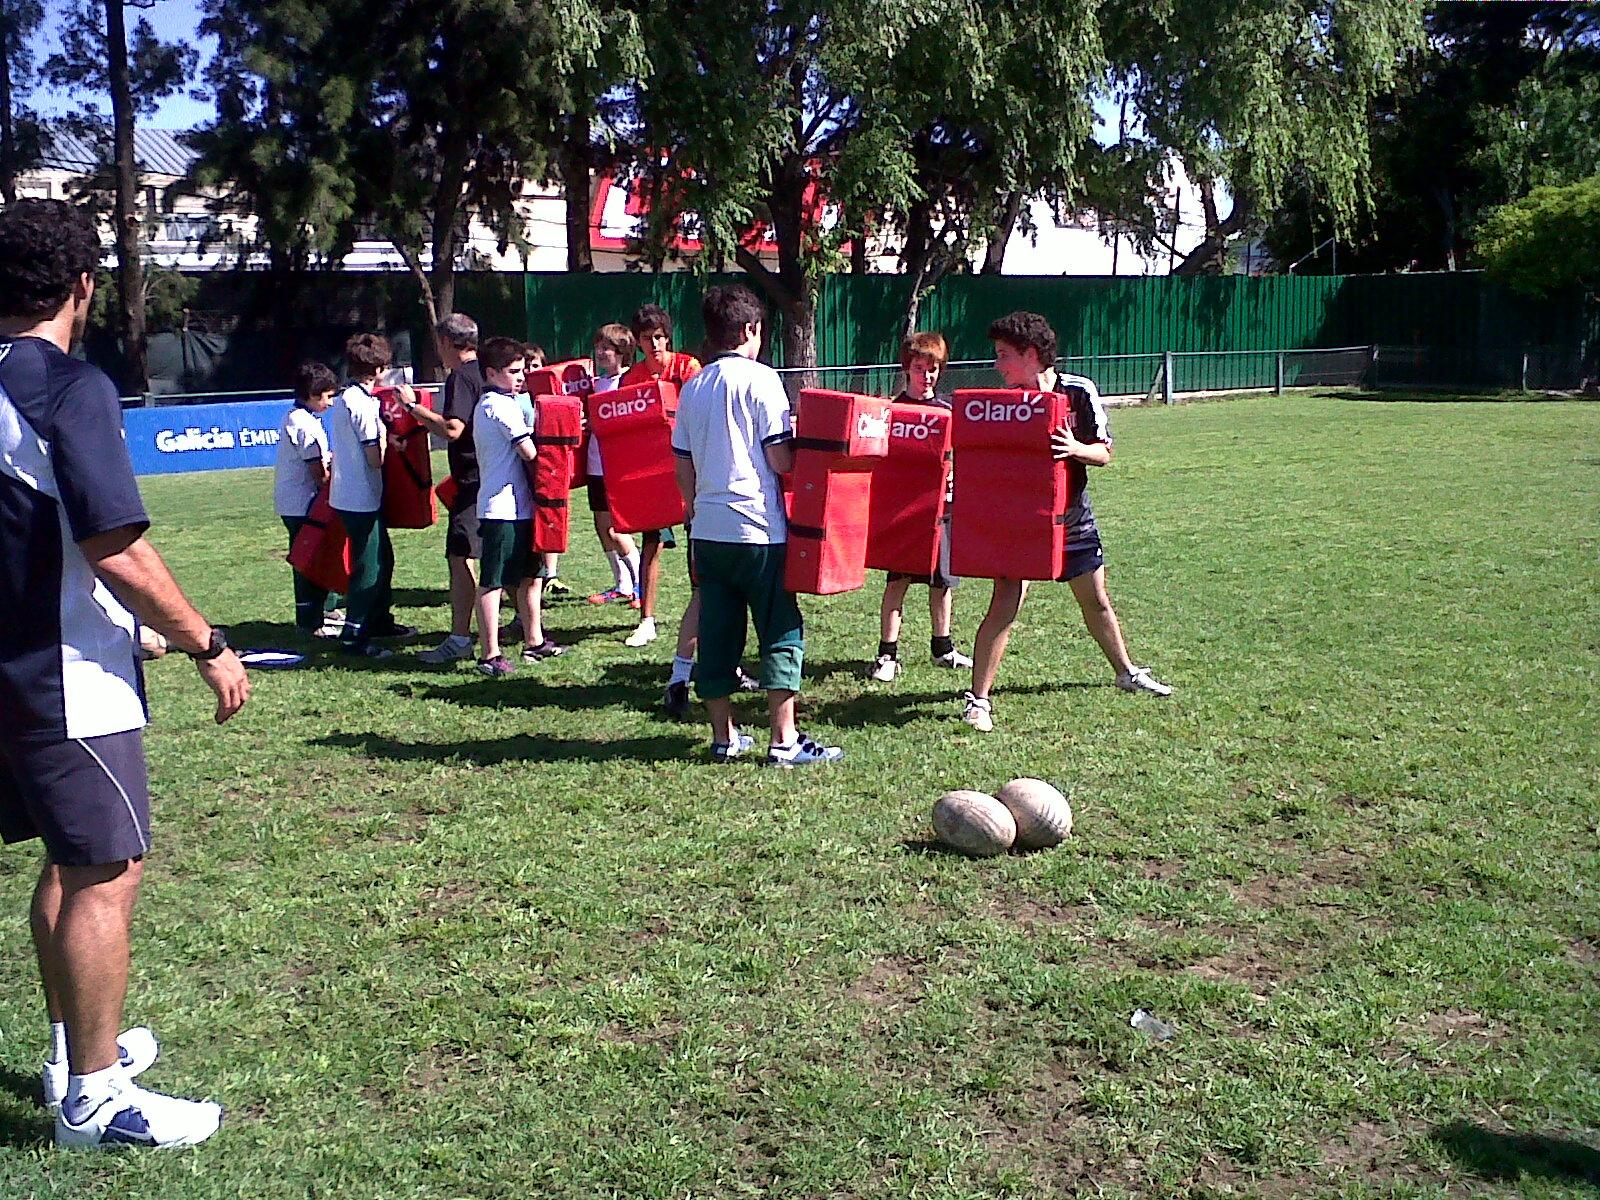 20121031_scouting-sangabriel_02